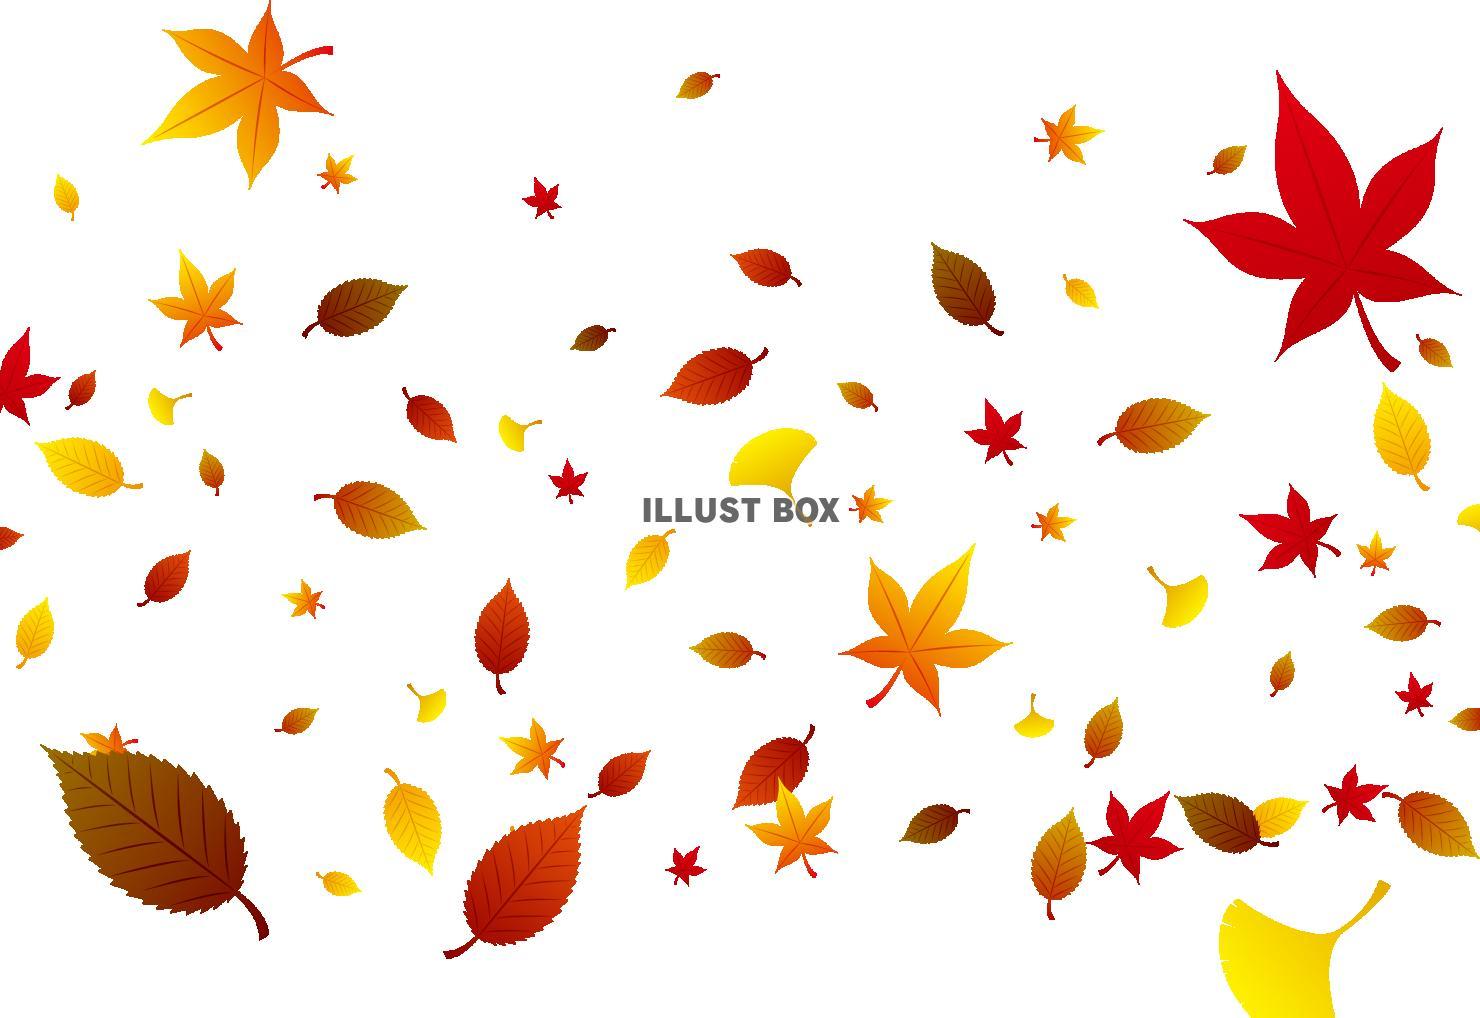 無料イラスト 秋のイメージ 落ち葉 壁紙